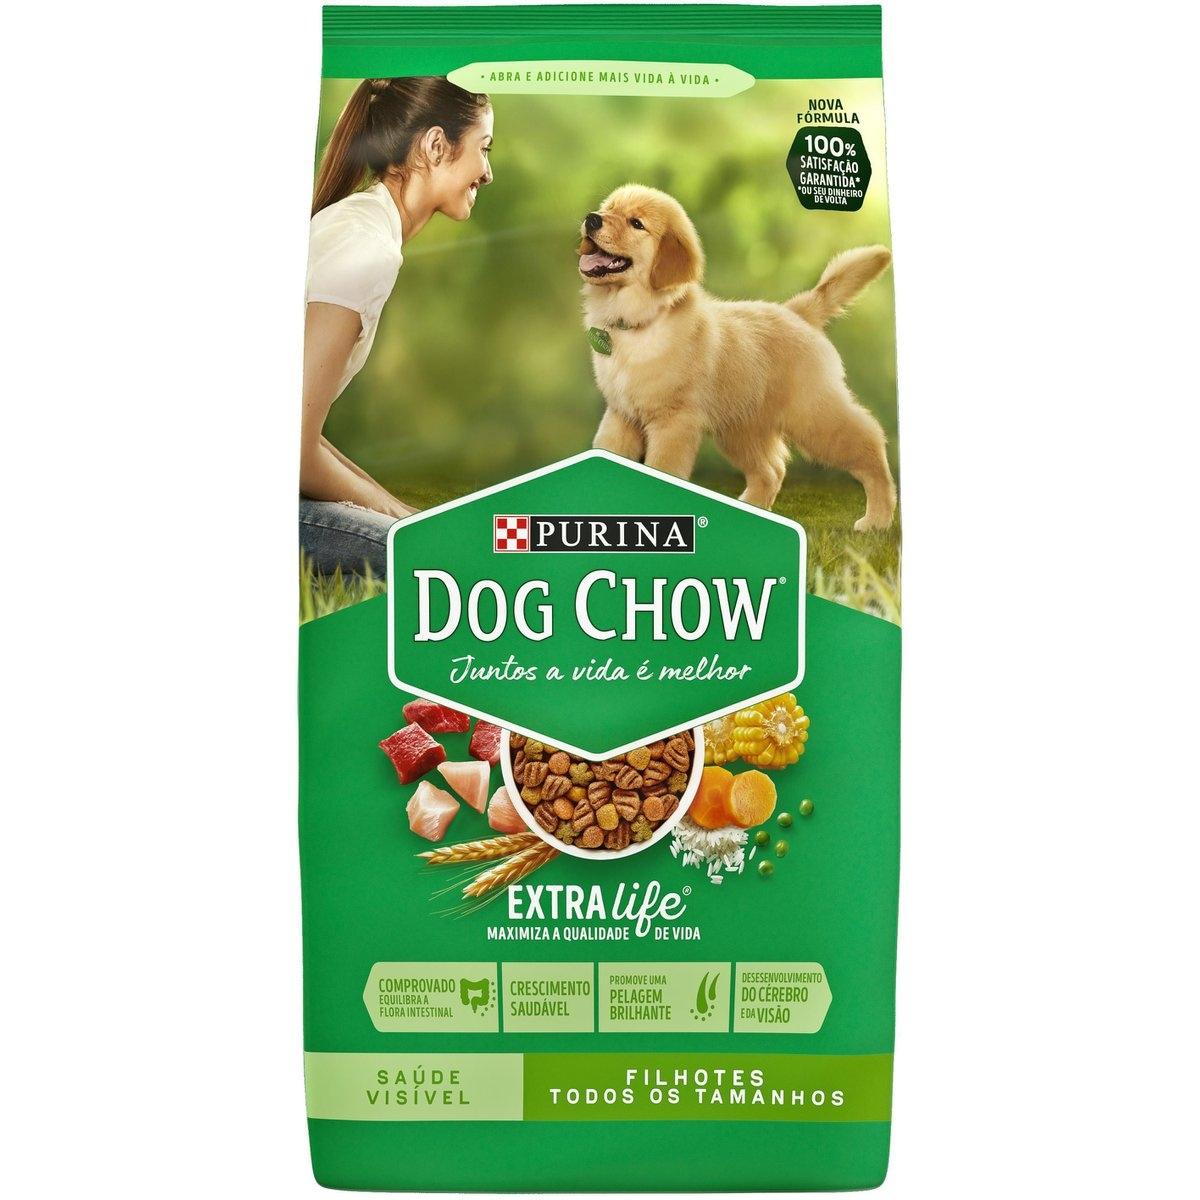 Ração Purina Dog Chow Adultos Raças Pequenas 1kg